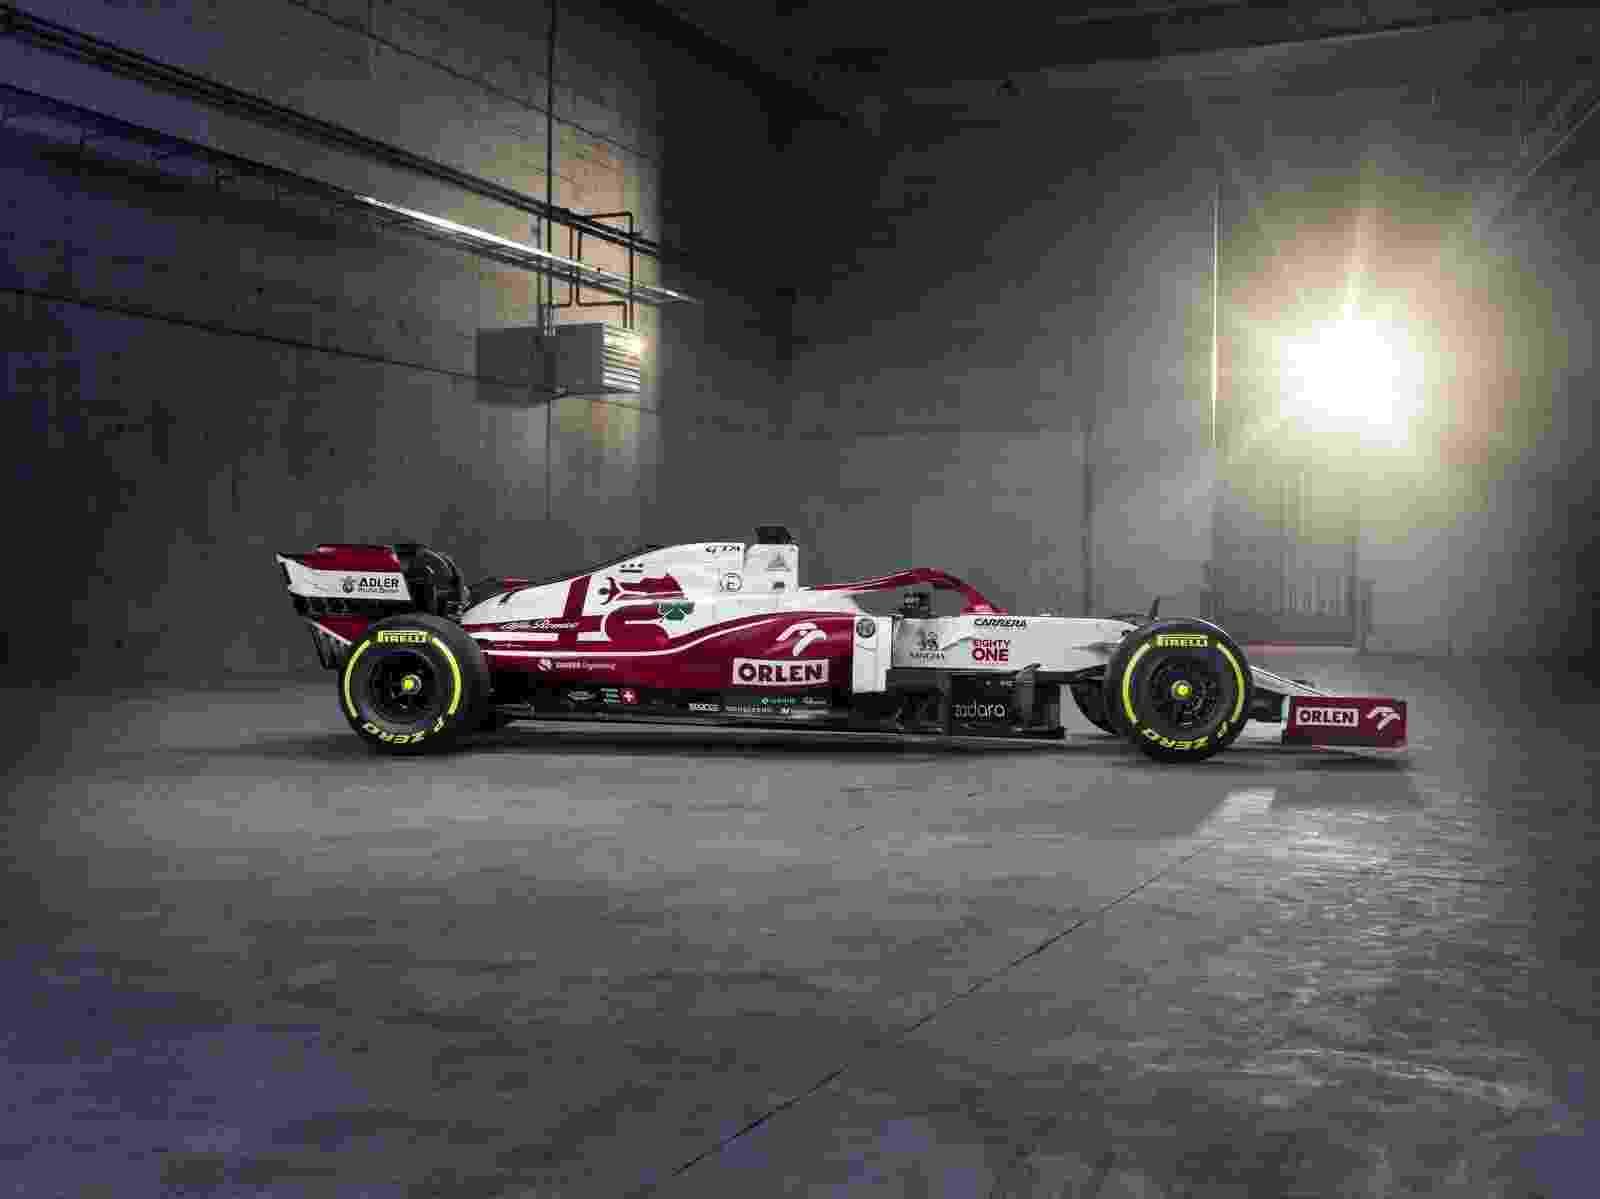 Alfa Romeo apresentou o C41, seu carro para a temporada 2021, em evento na Polônia - Divulgação/Alfa Romeo